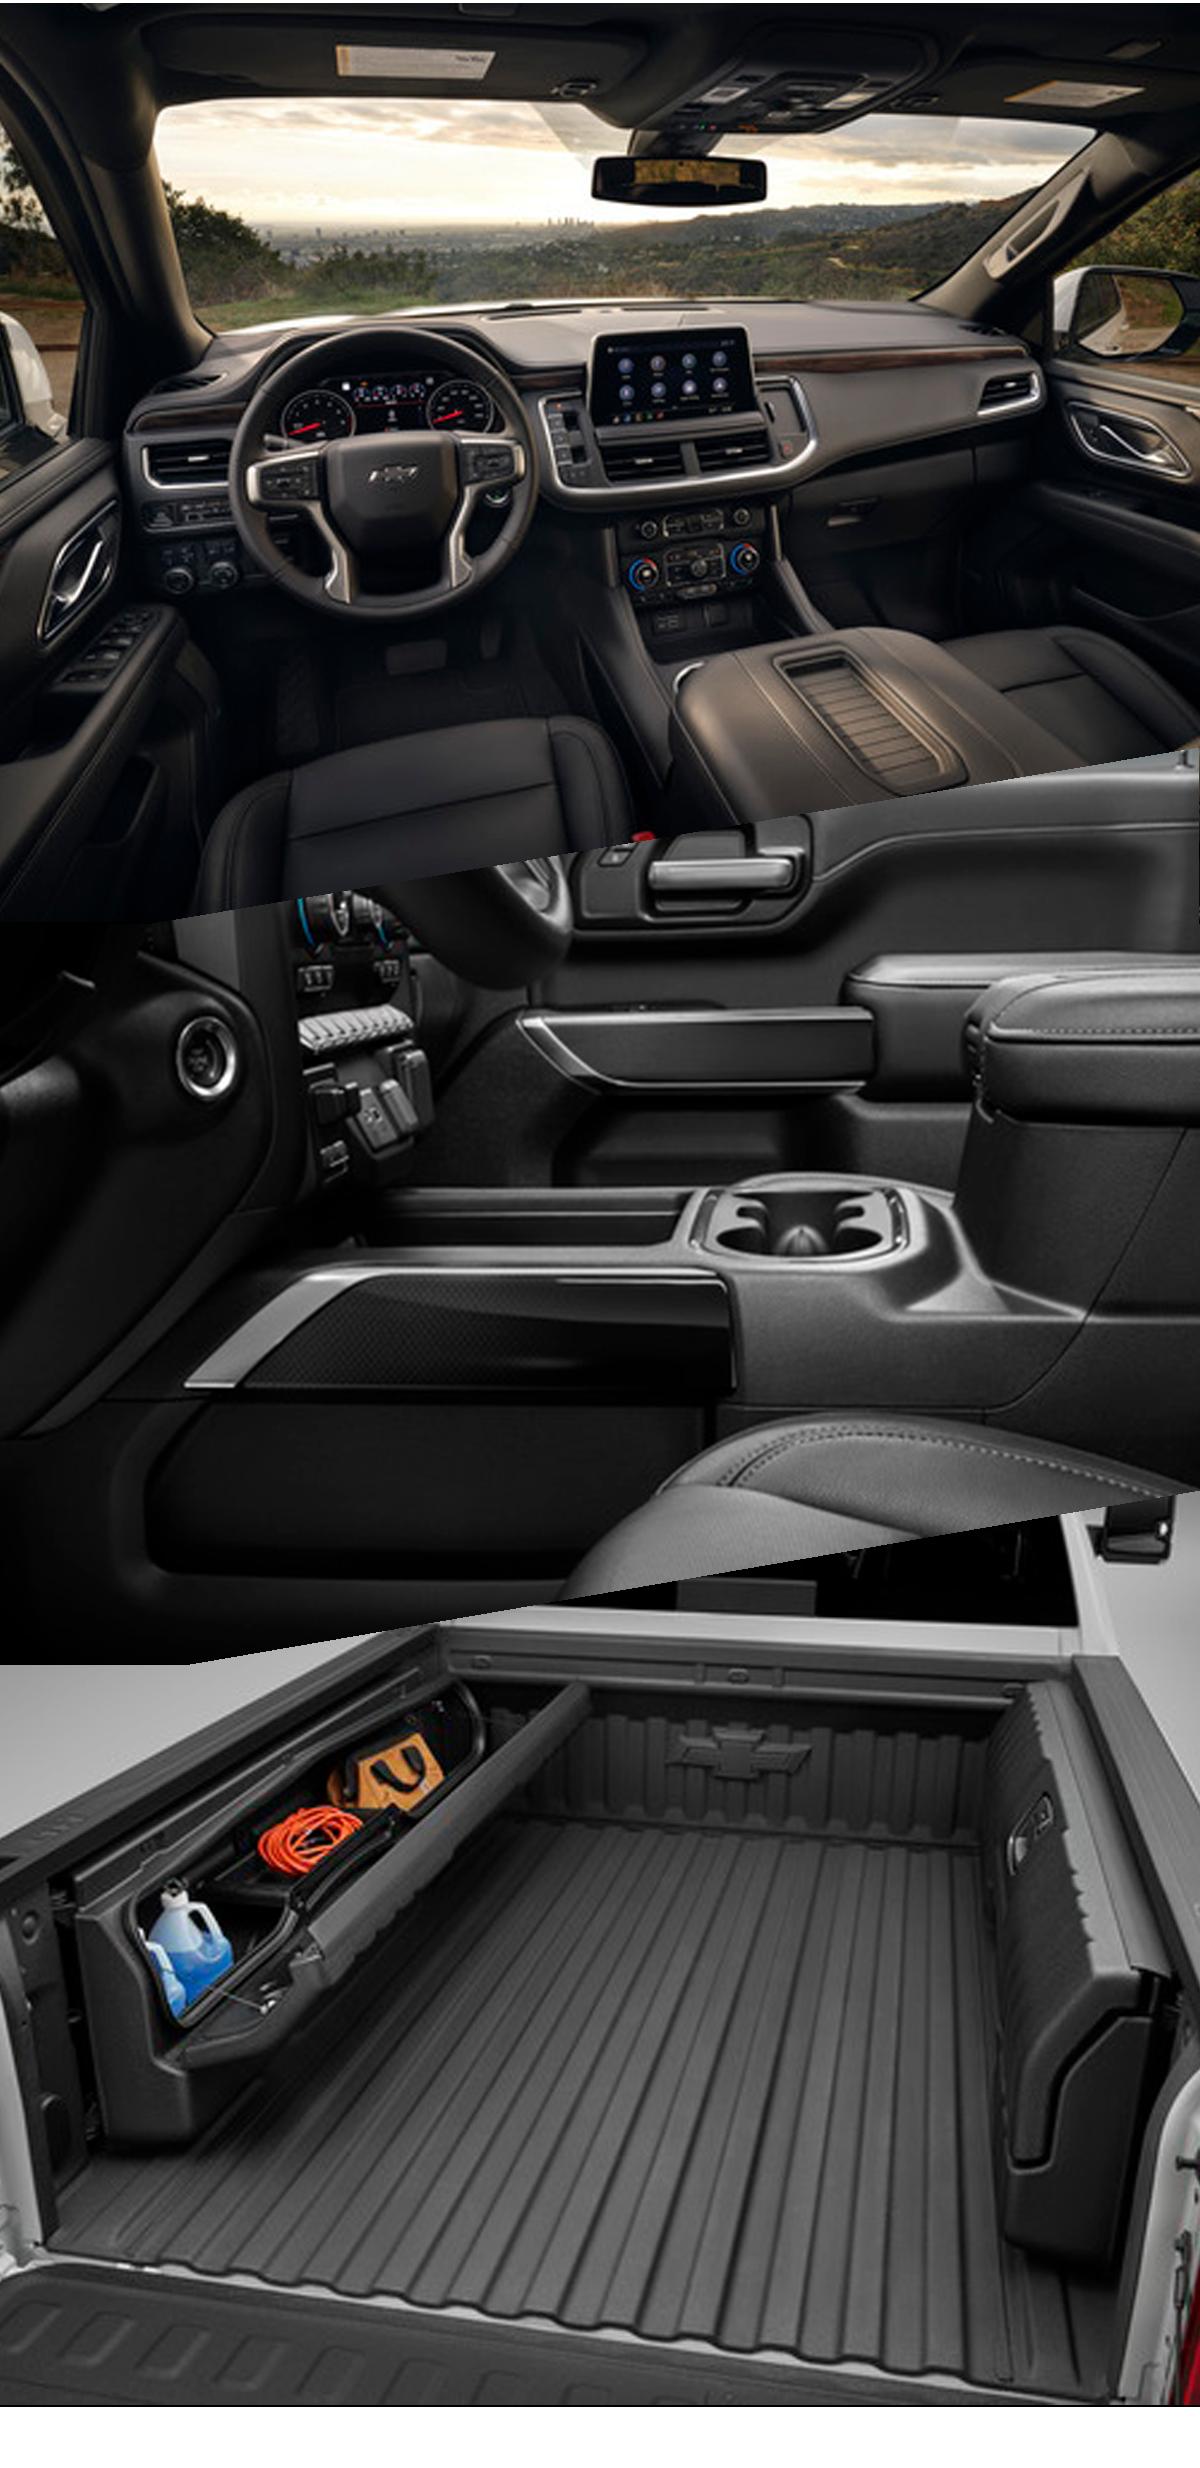 2021 Chevy Silverado 2500 Interior